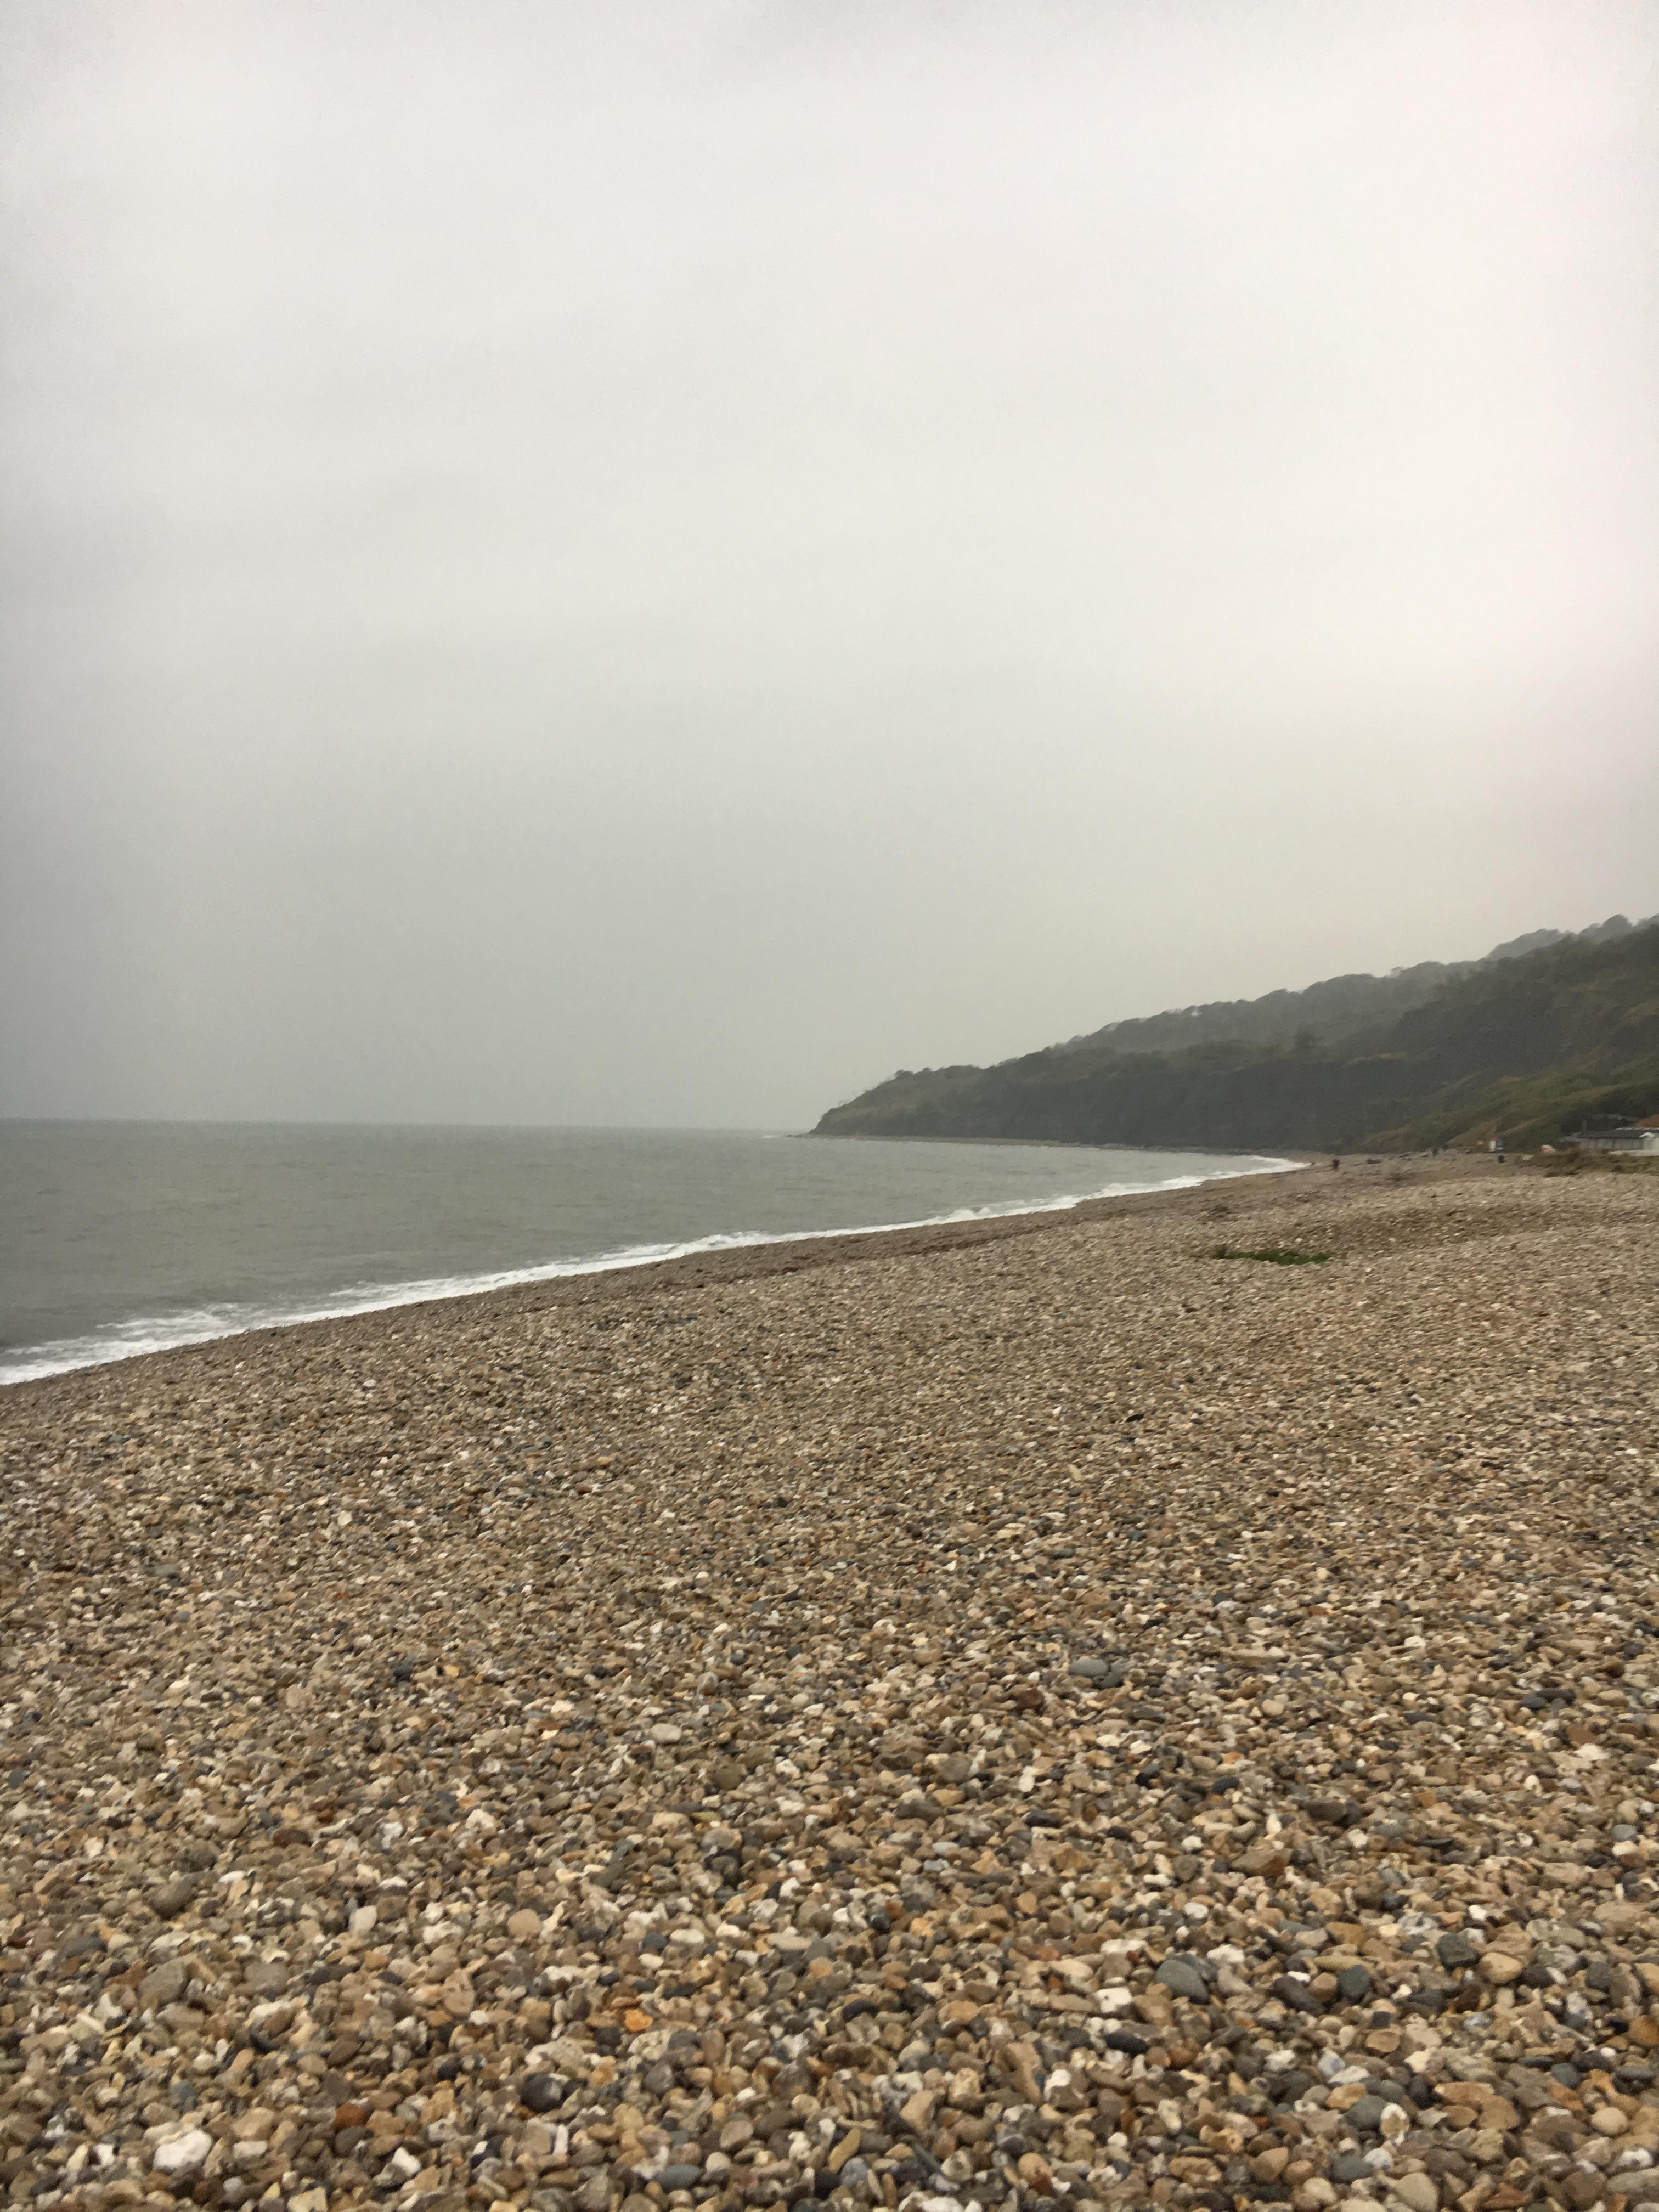 jurassic-coast-uk-monmouth-beach-site-of-the-ammonite-graveyard